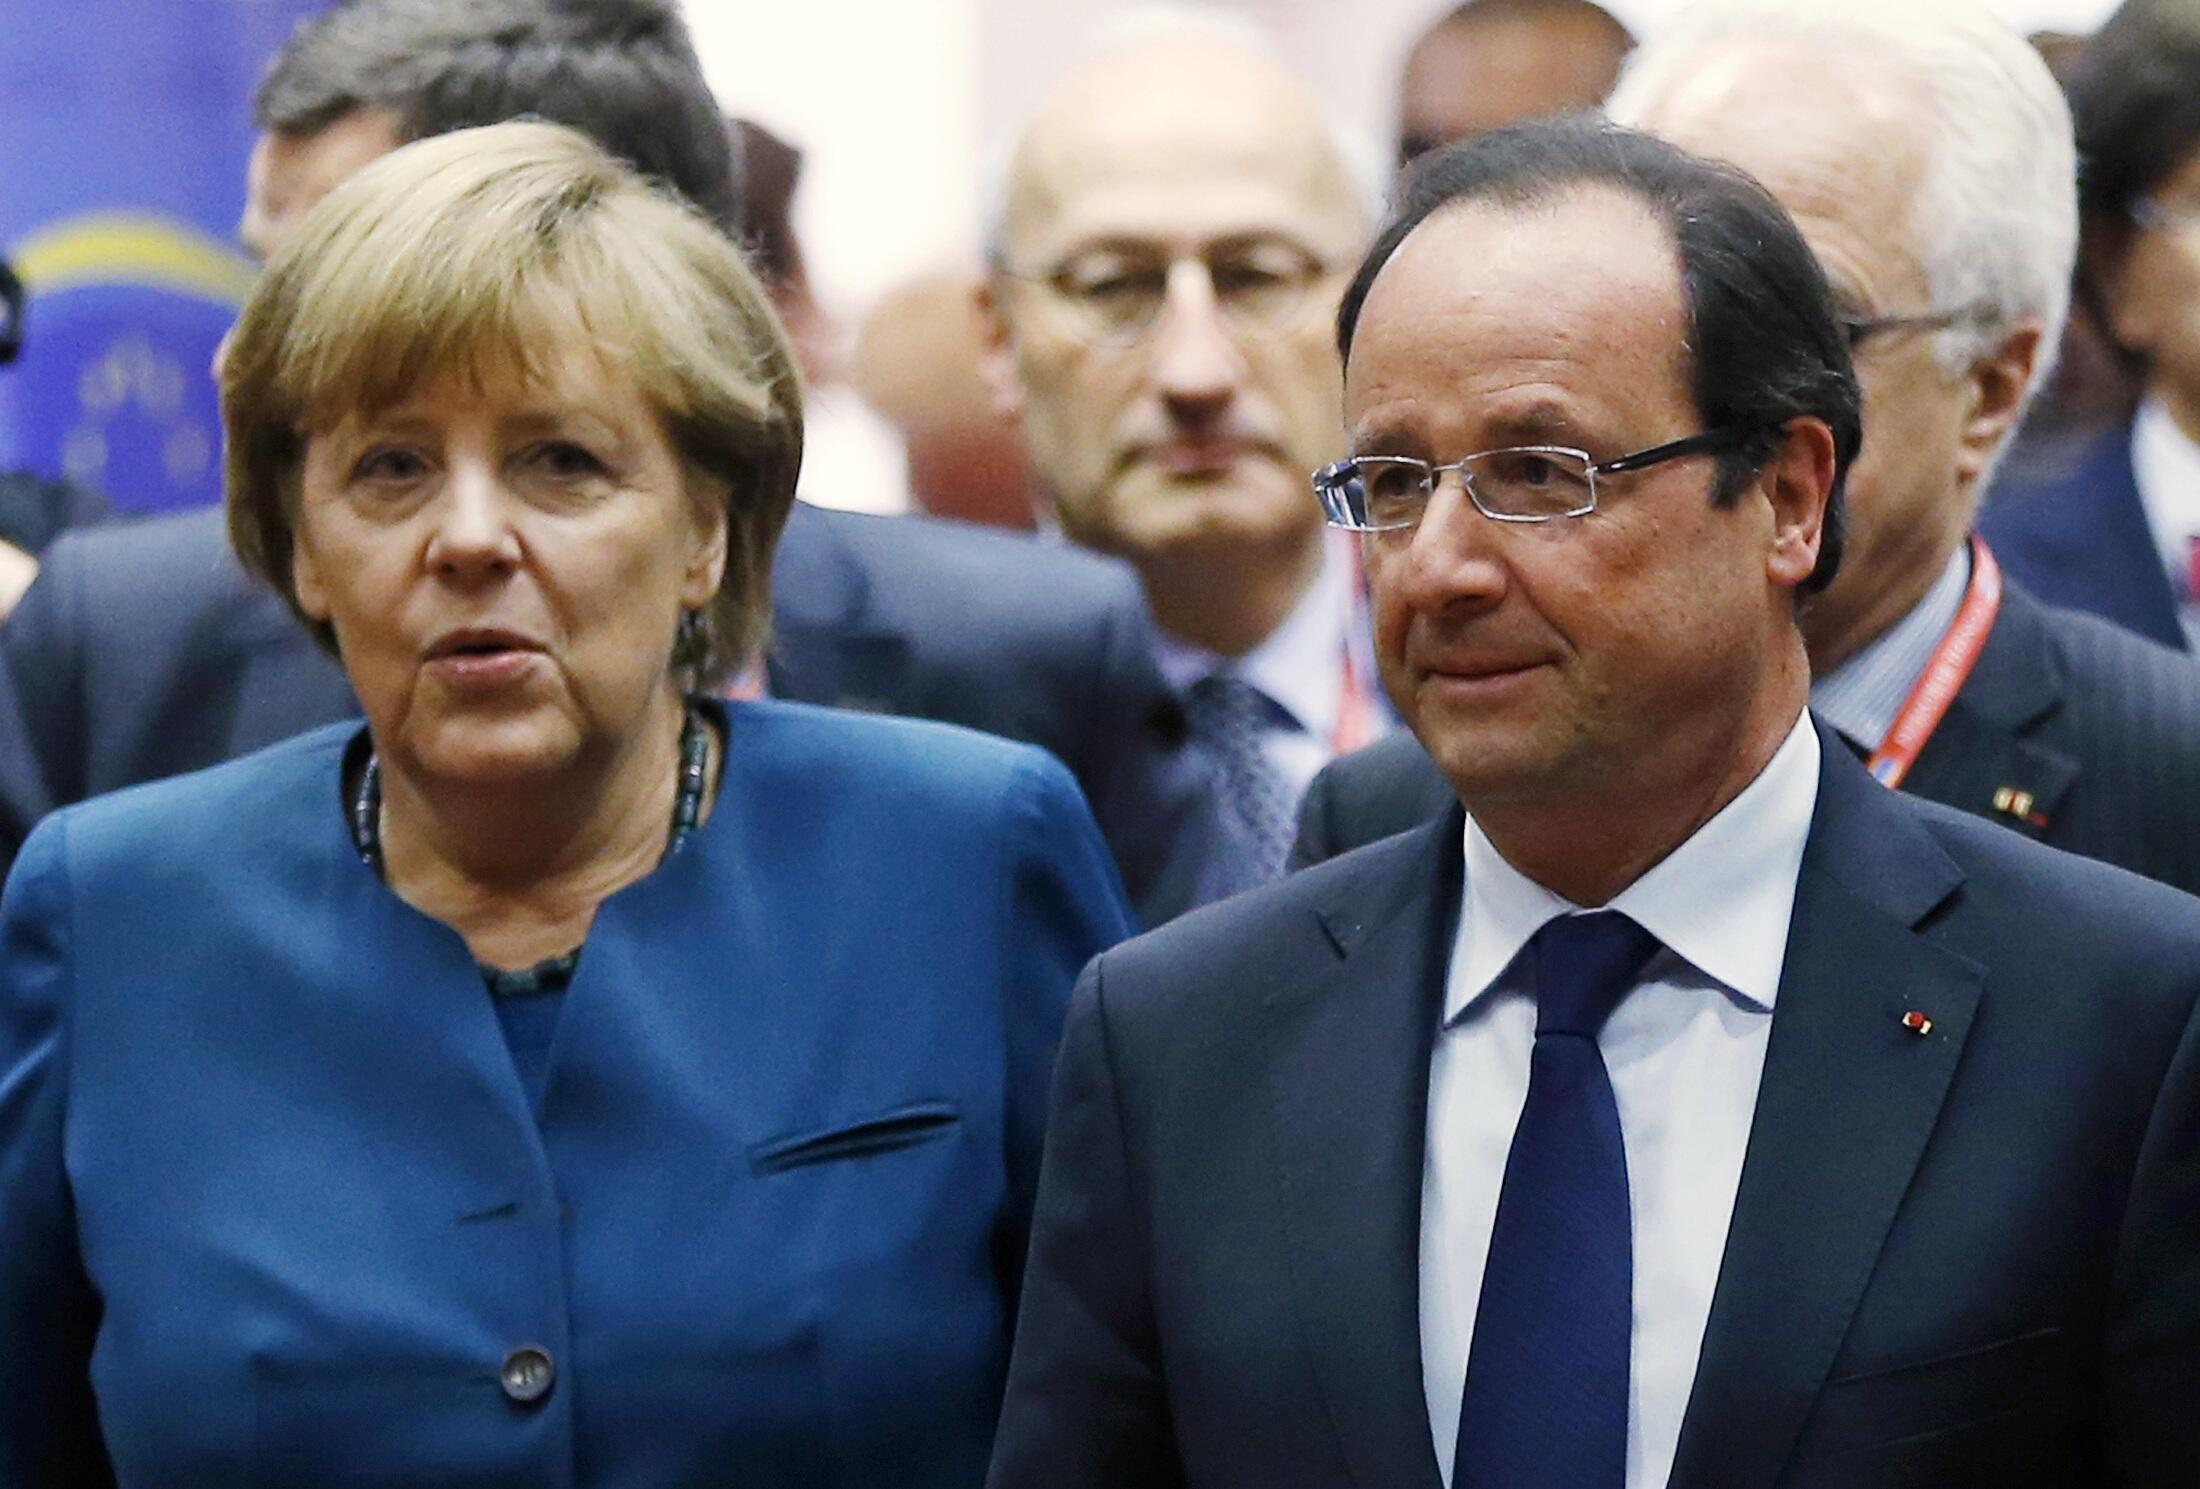 Angela Merkel e François Hollande em Bruxelas